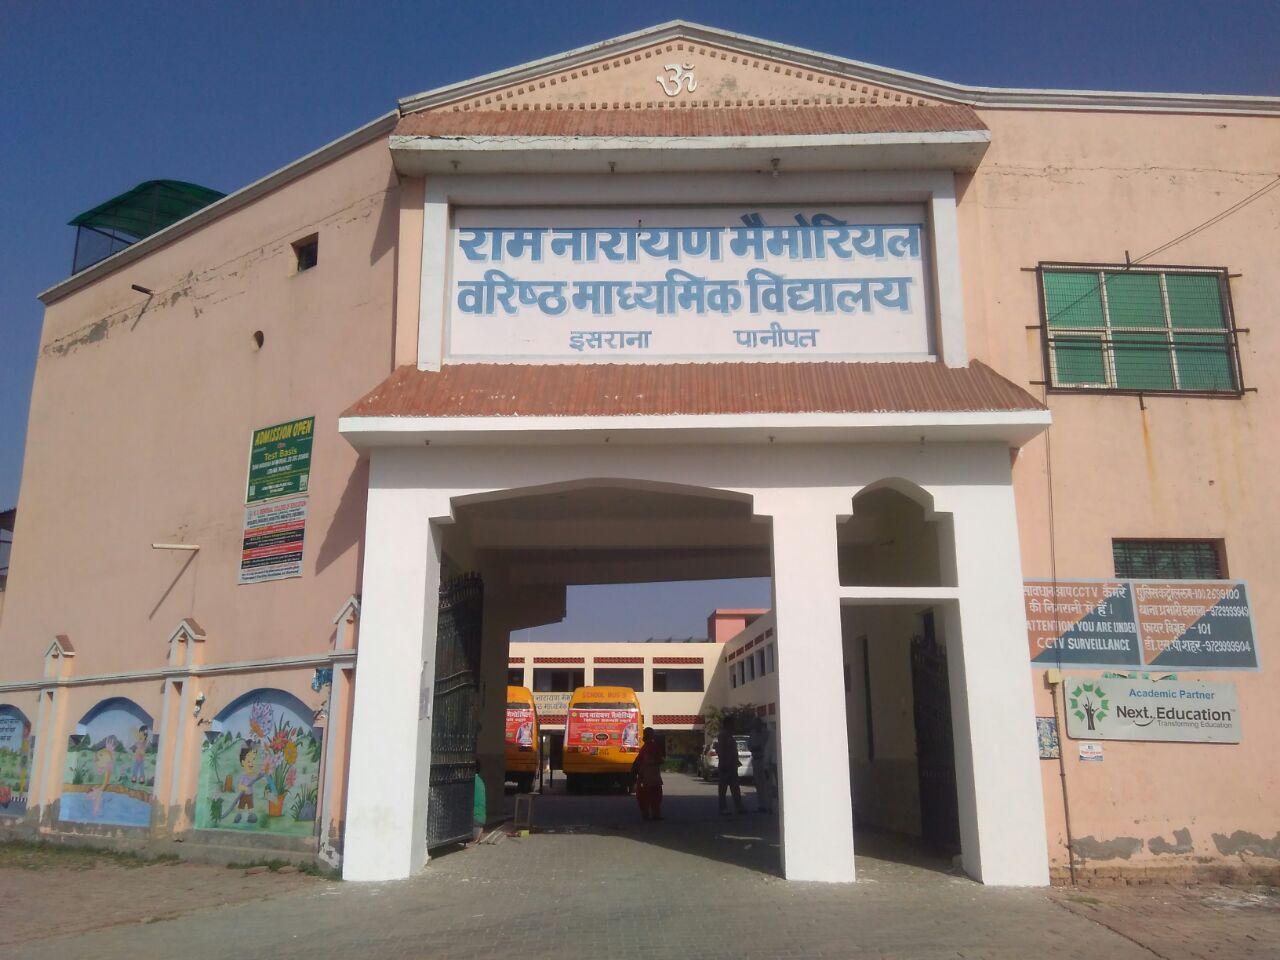 Ram-Narayan-Memorial-Sr-Sec-School-in-india-1.jpg